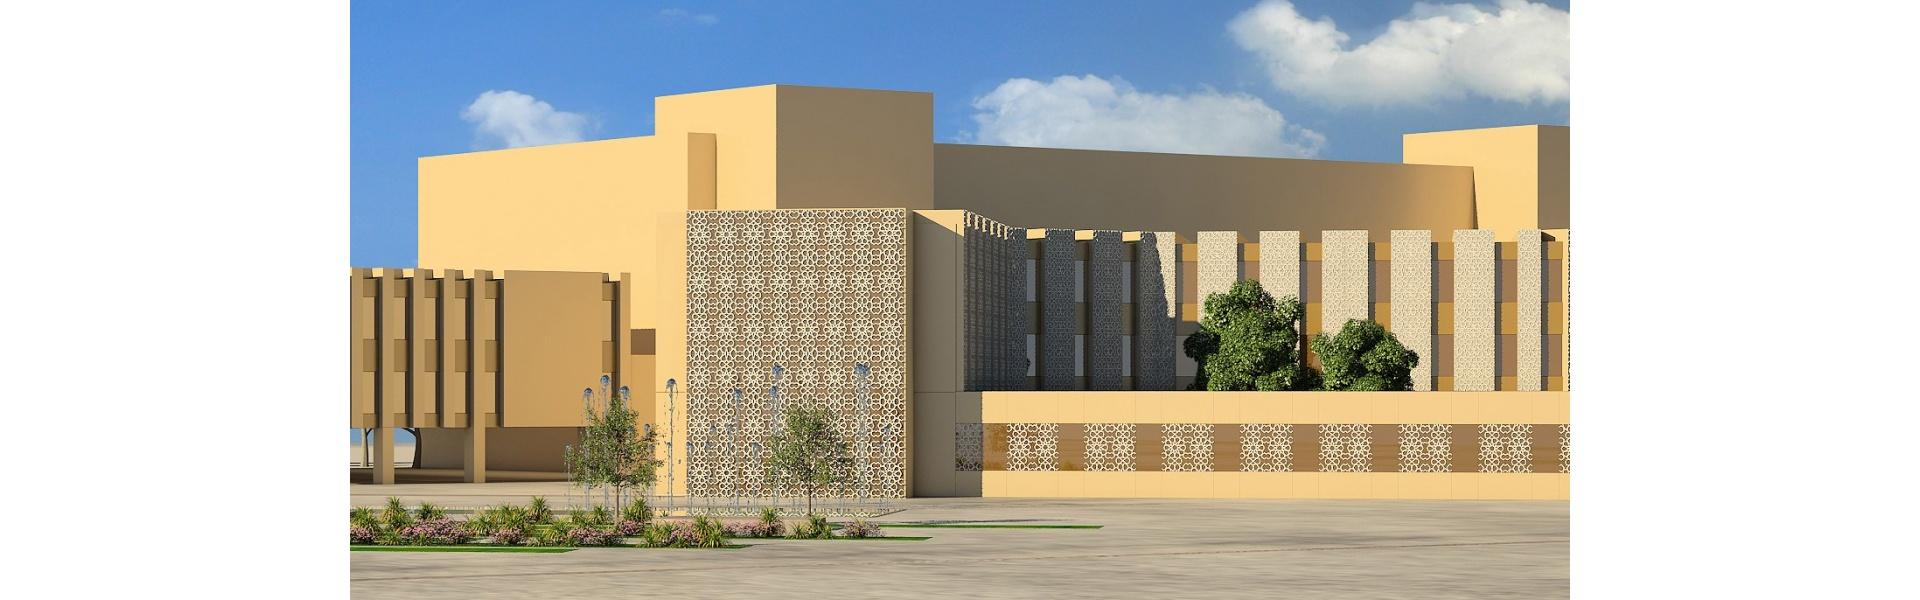 Shatt Al Arab Hospital 002